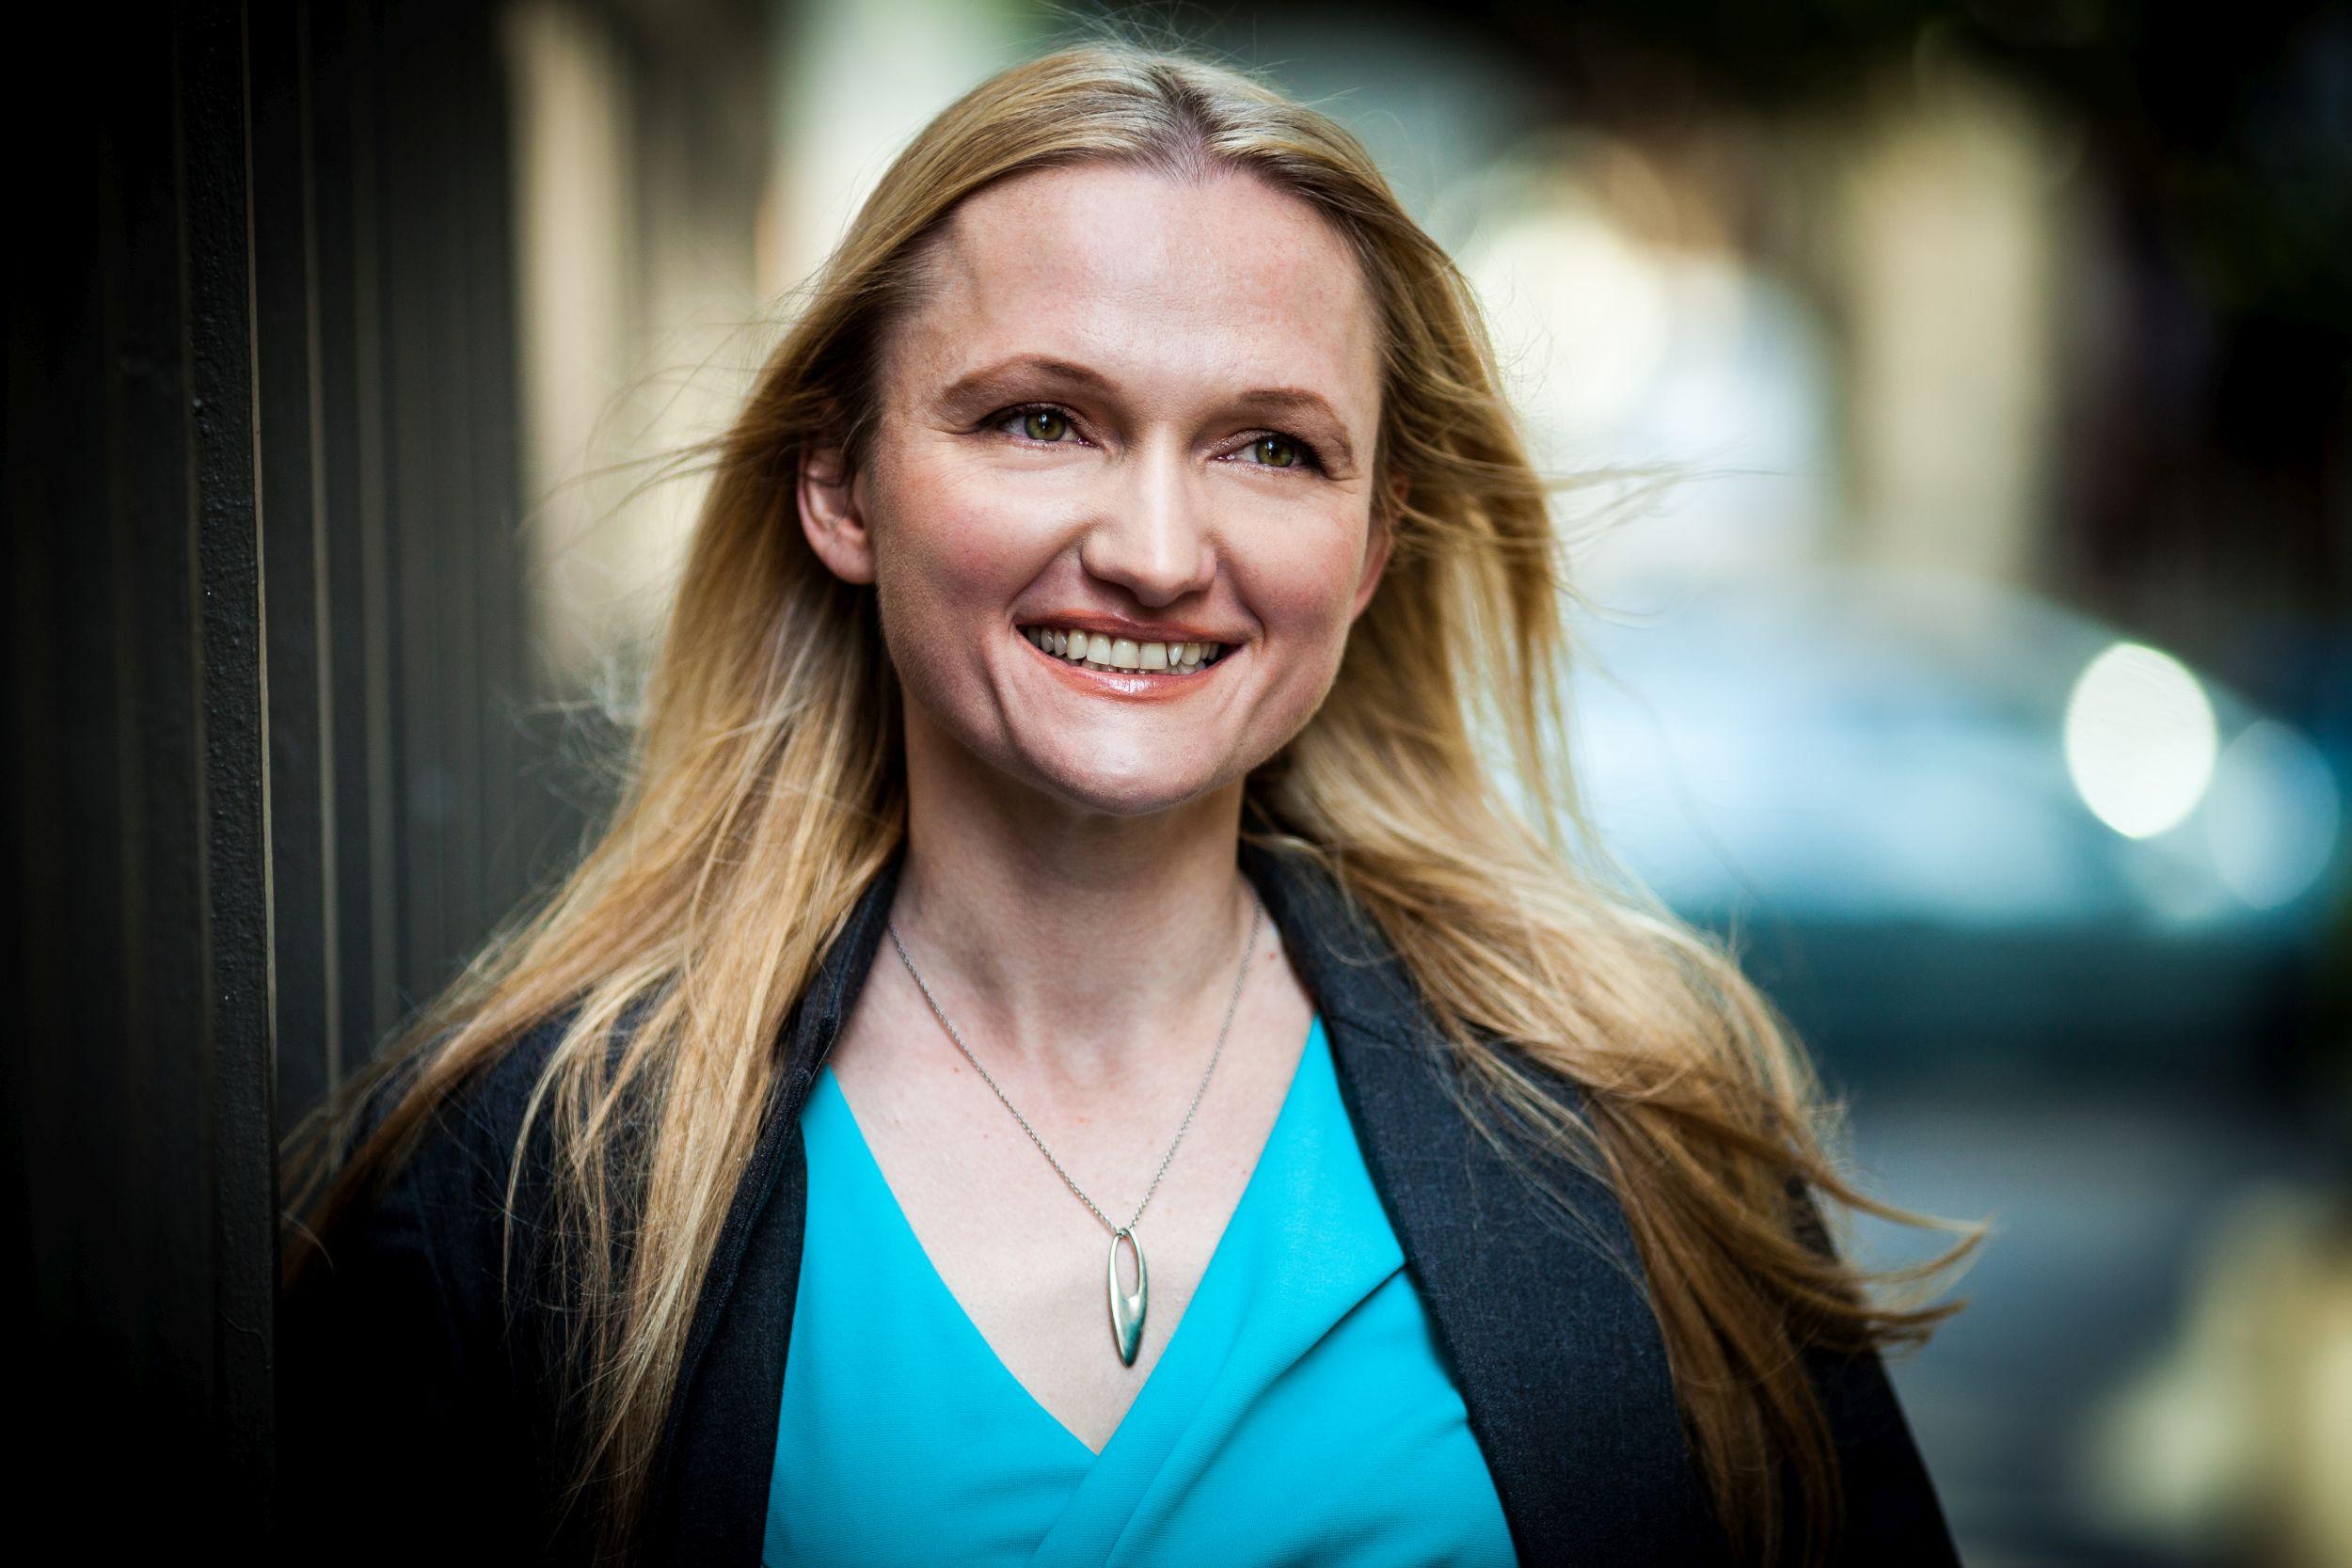 Lila Tretikow, dyrektor wykonawcza Fundacji Wikimedia (fot. Lane Hartwell / Wikimedia Foundation)